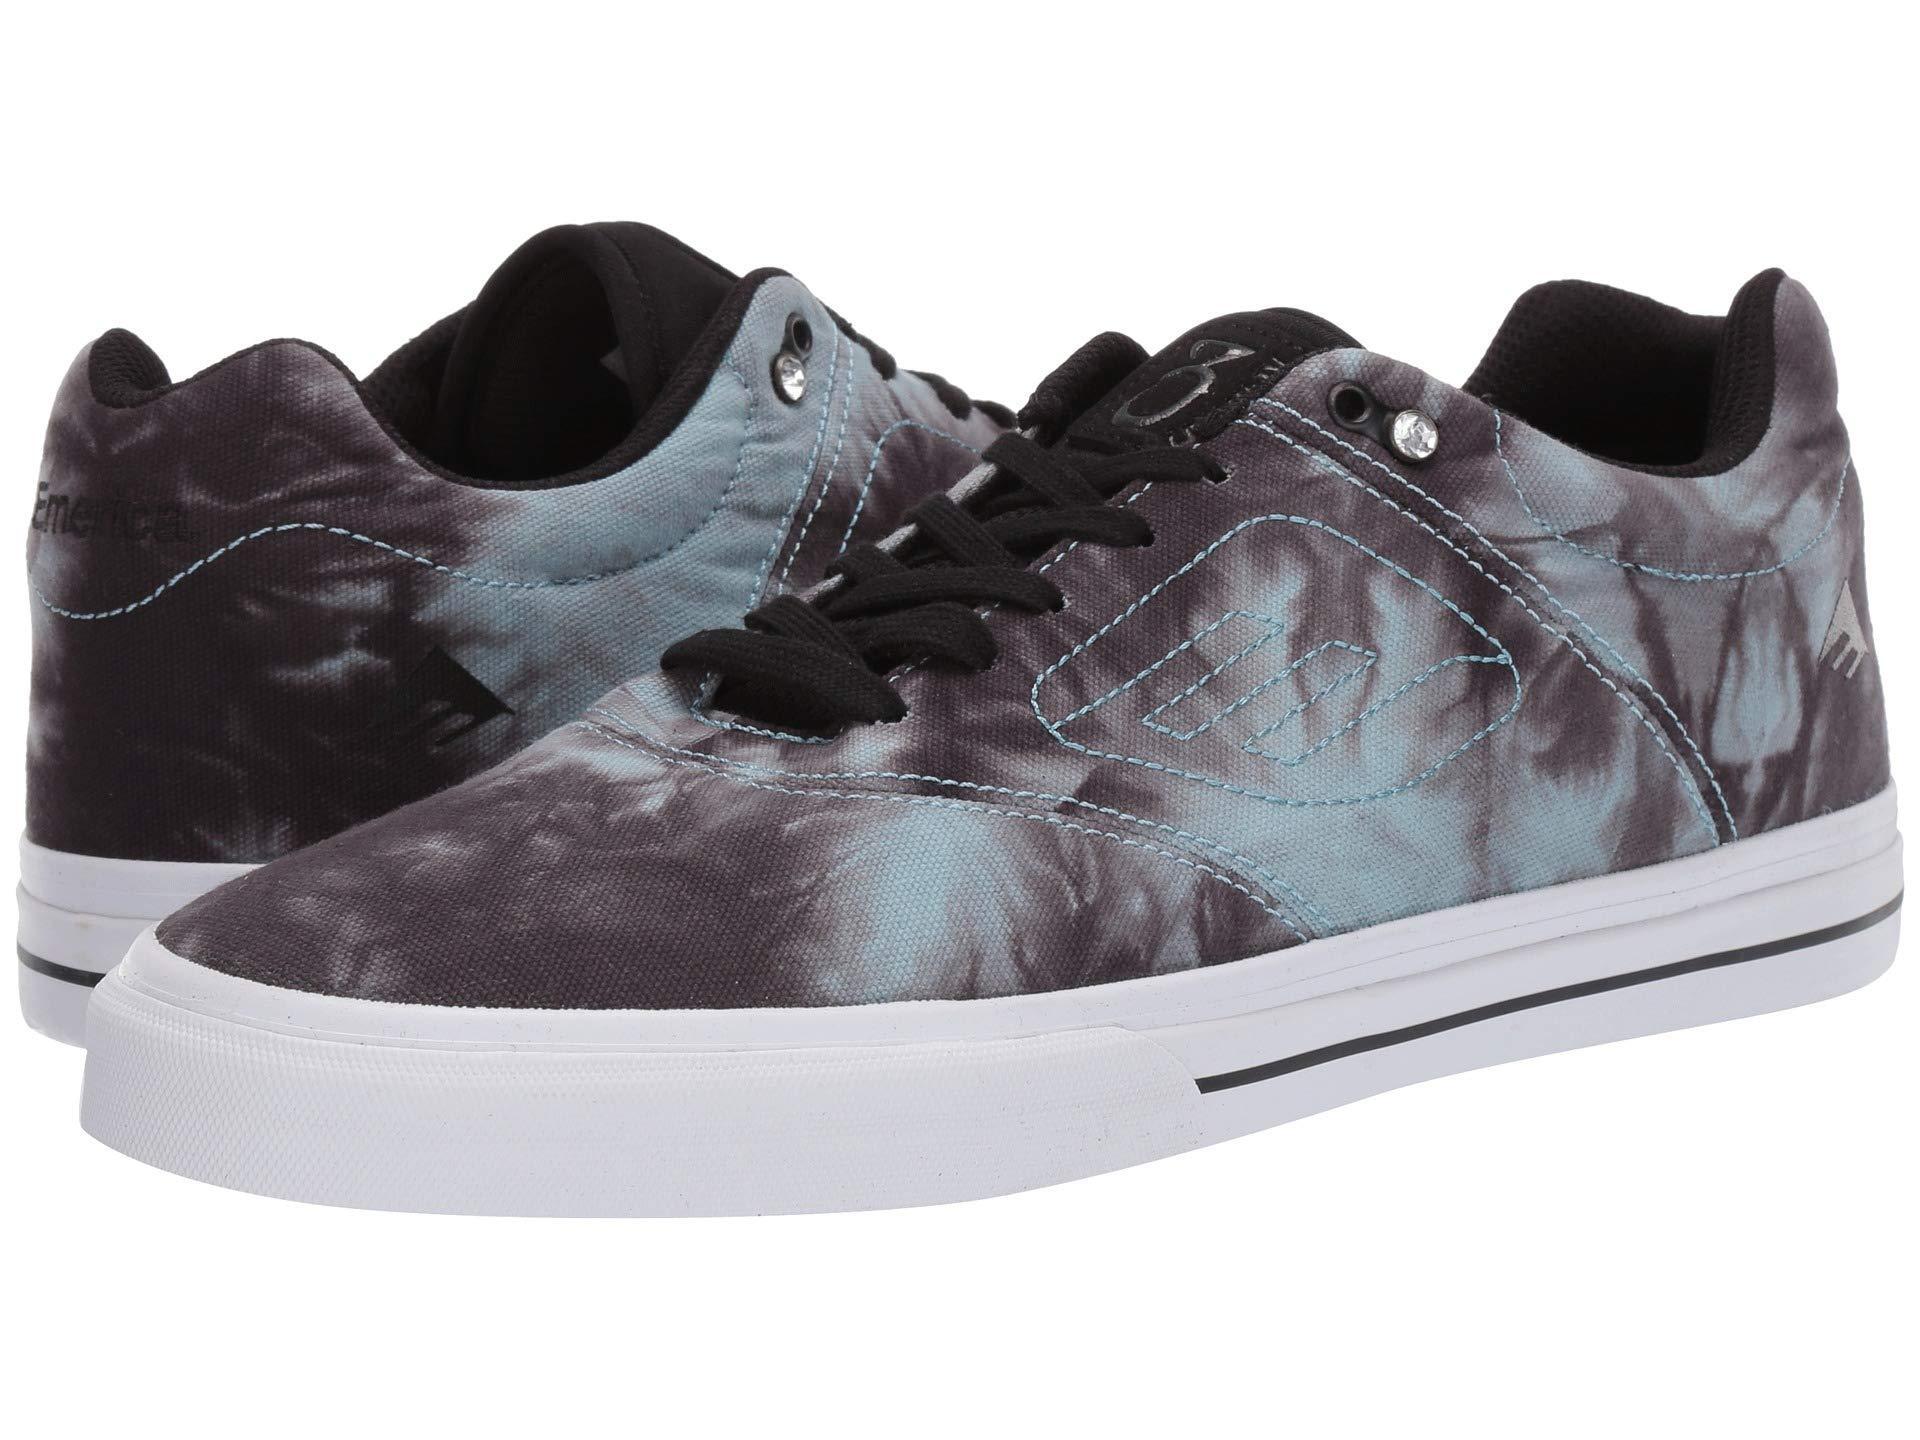 ebf55d66f0d Emerica - Reynolds 3 G6 Vulc (black black) Men s Skate Shoes for Men. View  fullscreen